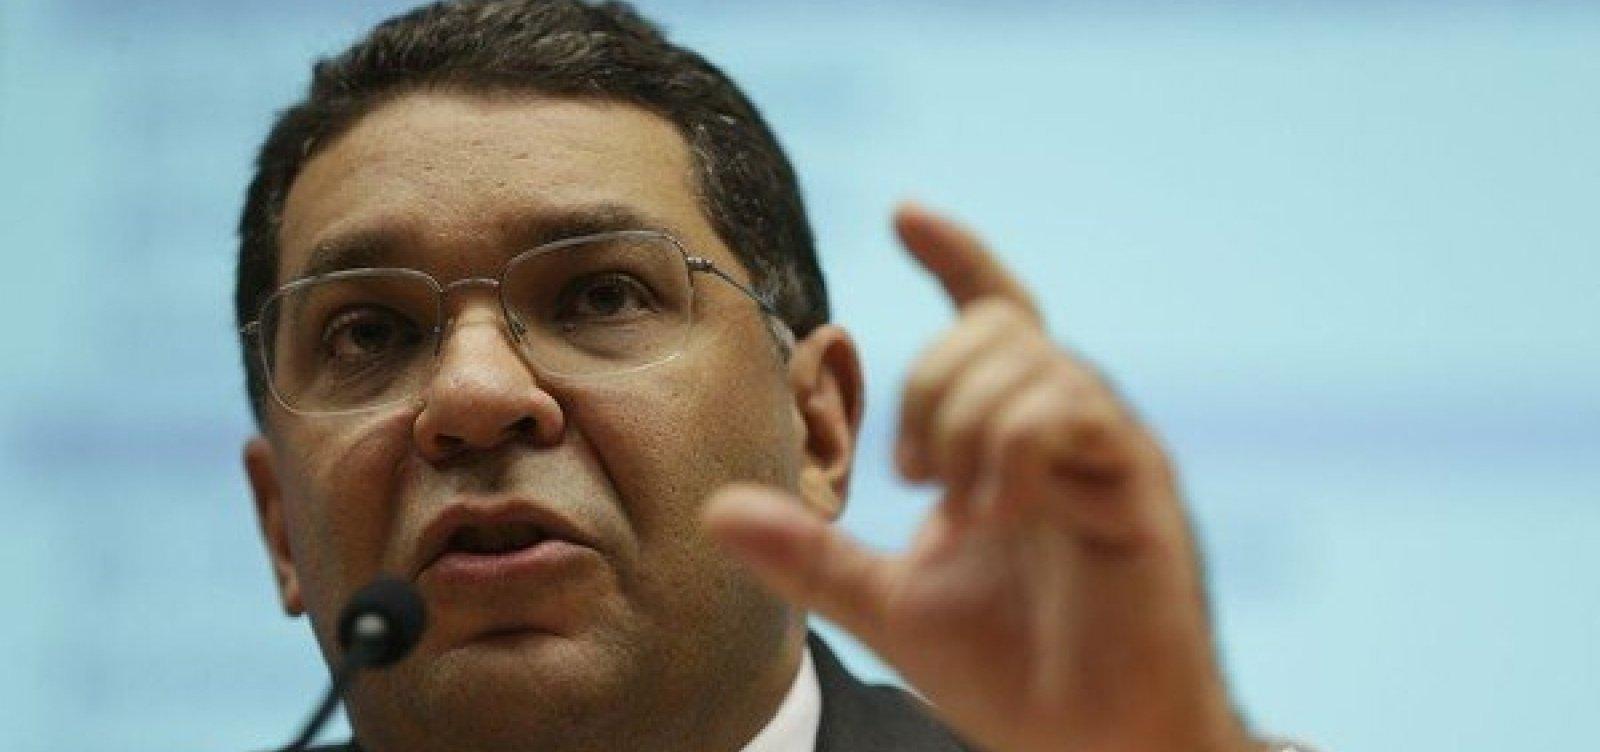 [Imposto sobre transação tem que ser debatido, diz secretário do Tesouro Nacional]